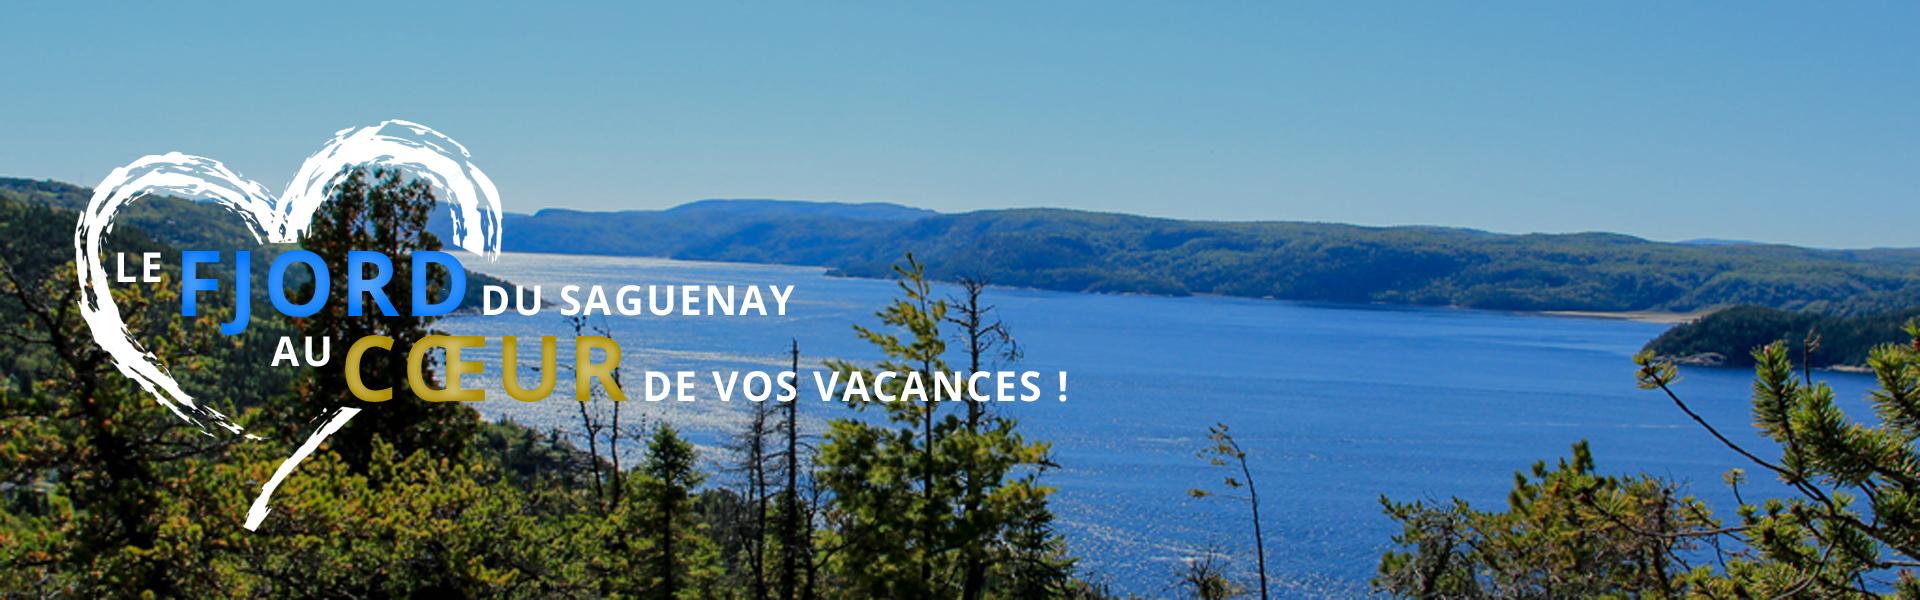 Paysage du fjord du Saguenay au Centre de Vacances Ferme 5 Étoiles